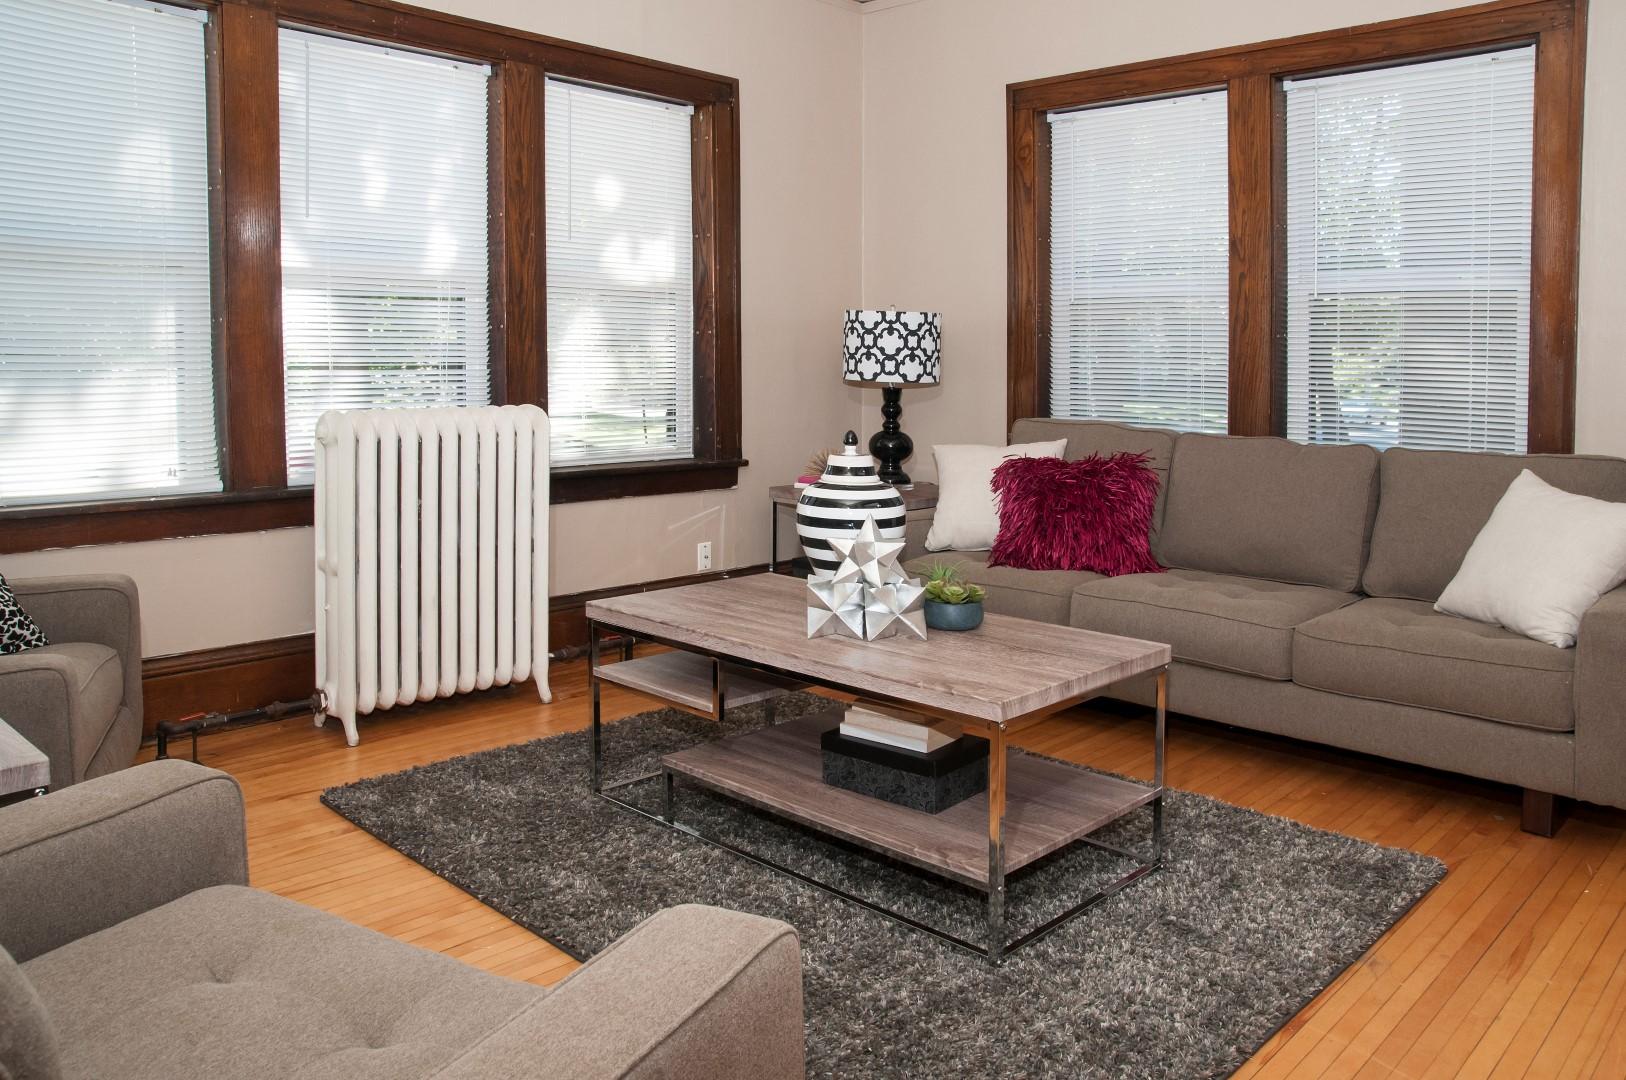 Breton Apartments in SE Minneapolis, MN